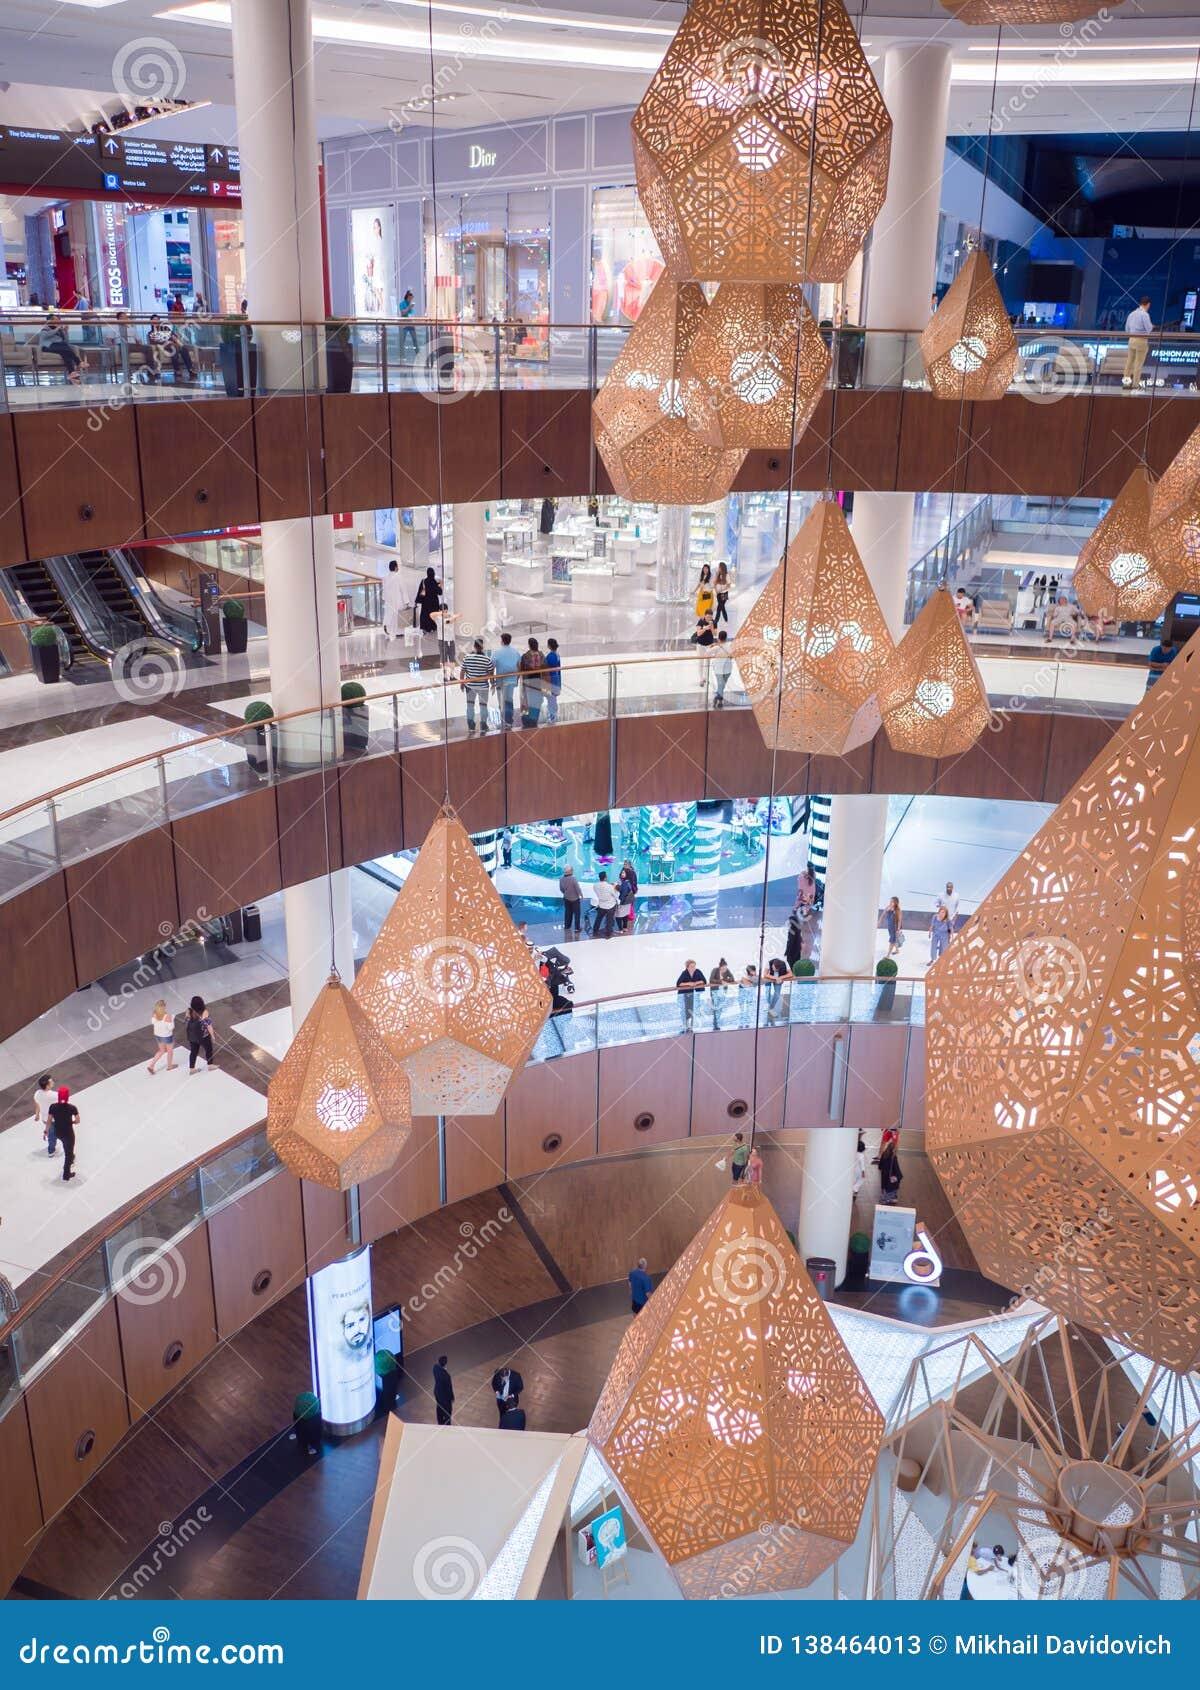 Dubai, UAE - 15. Mai 2018: Dubai-Mall ist eins der größten Einkaufszentren in der Welt